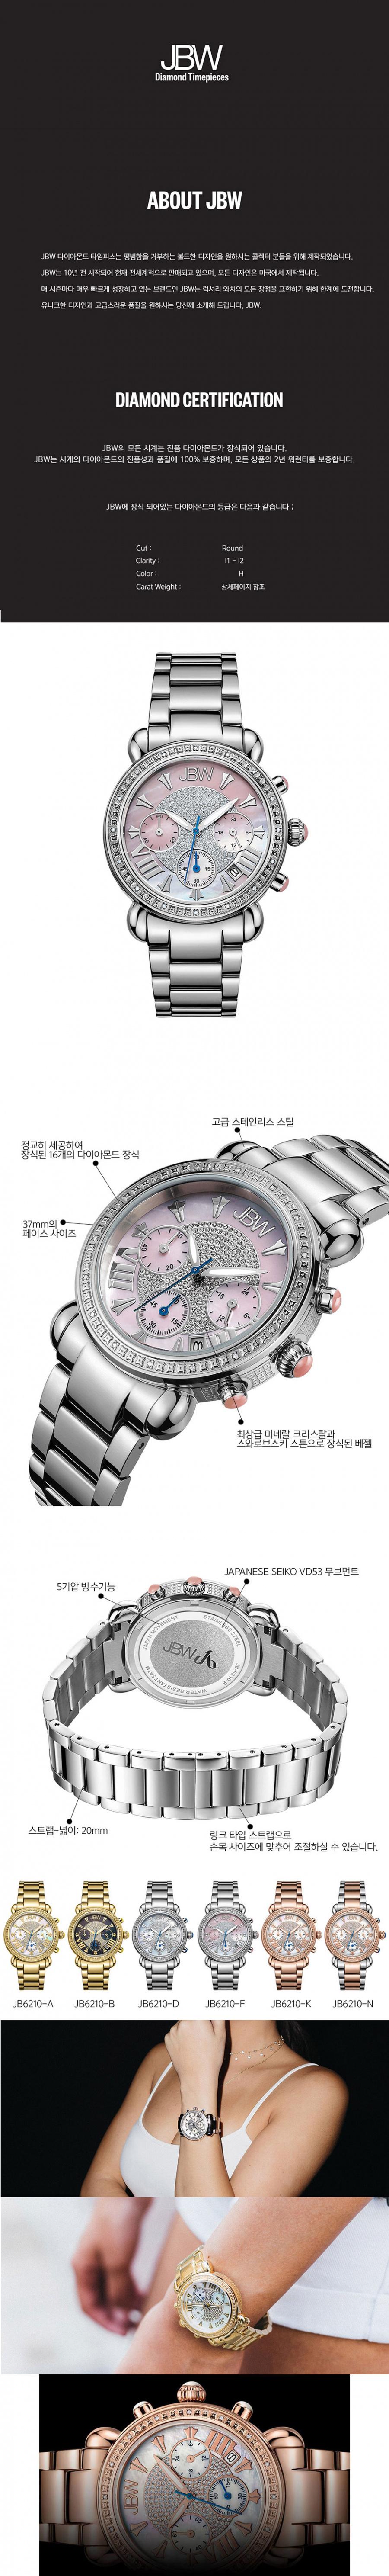 제이비더블유(JBW) Victory - Silver/Pink